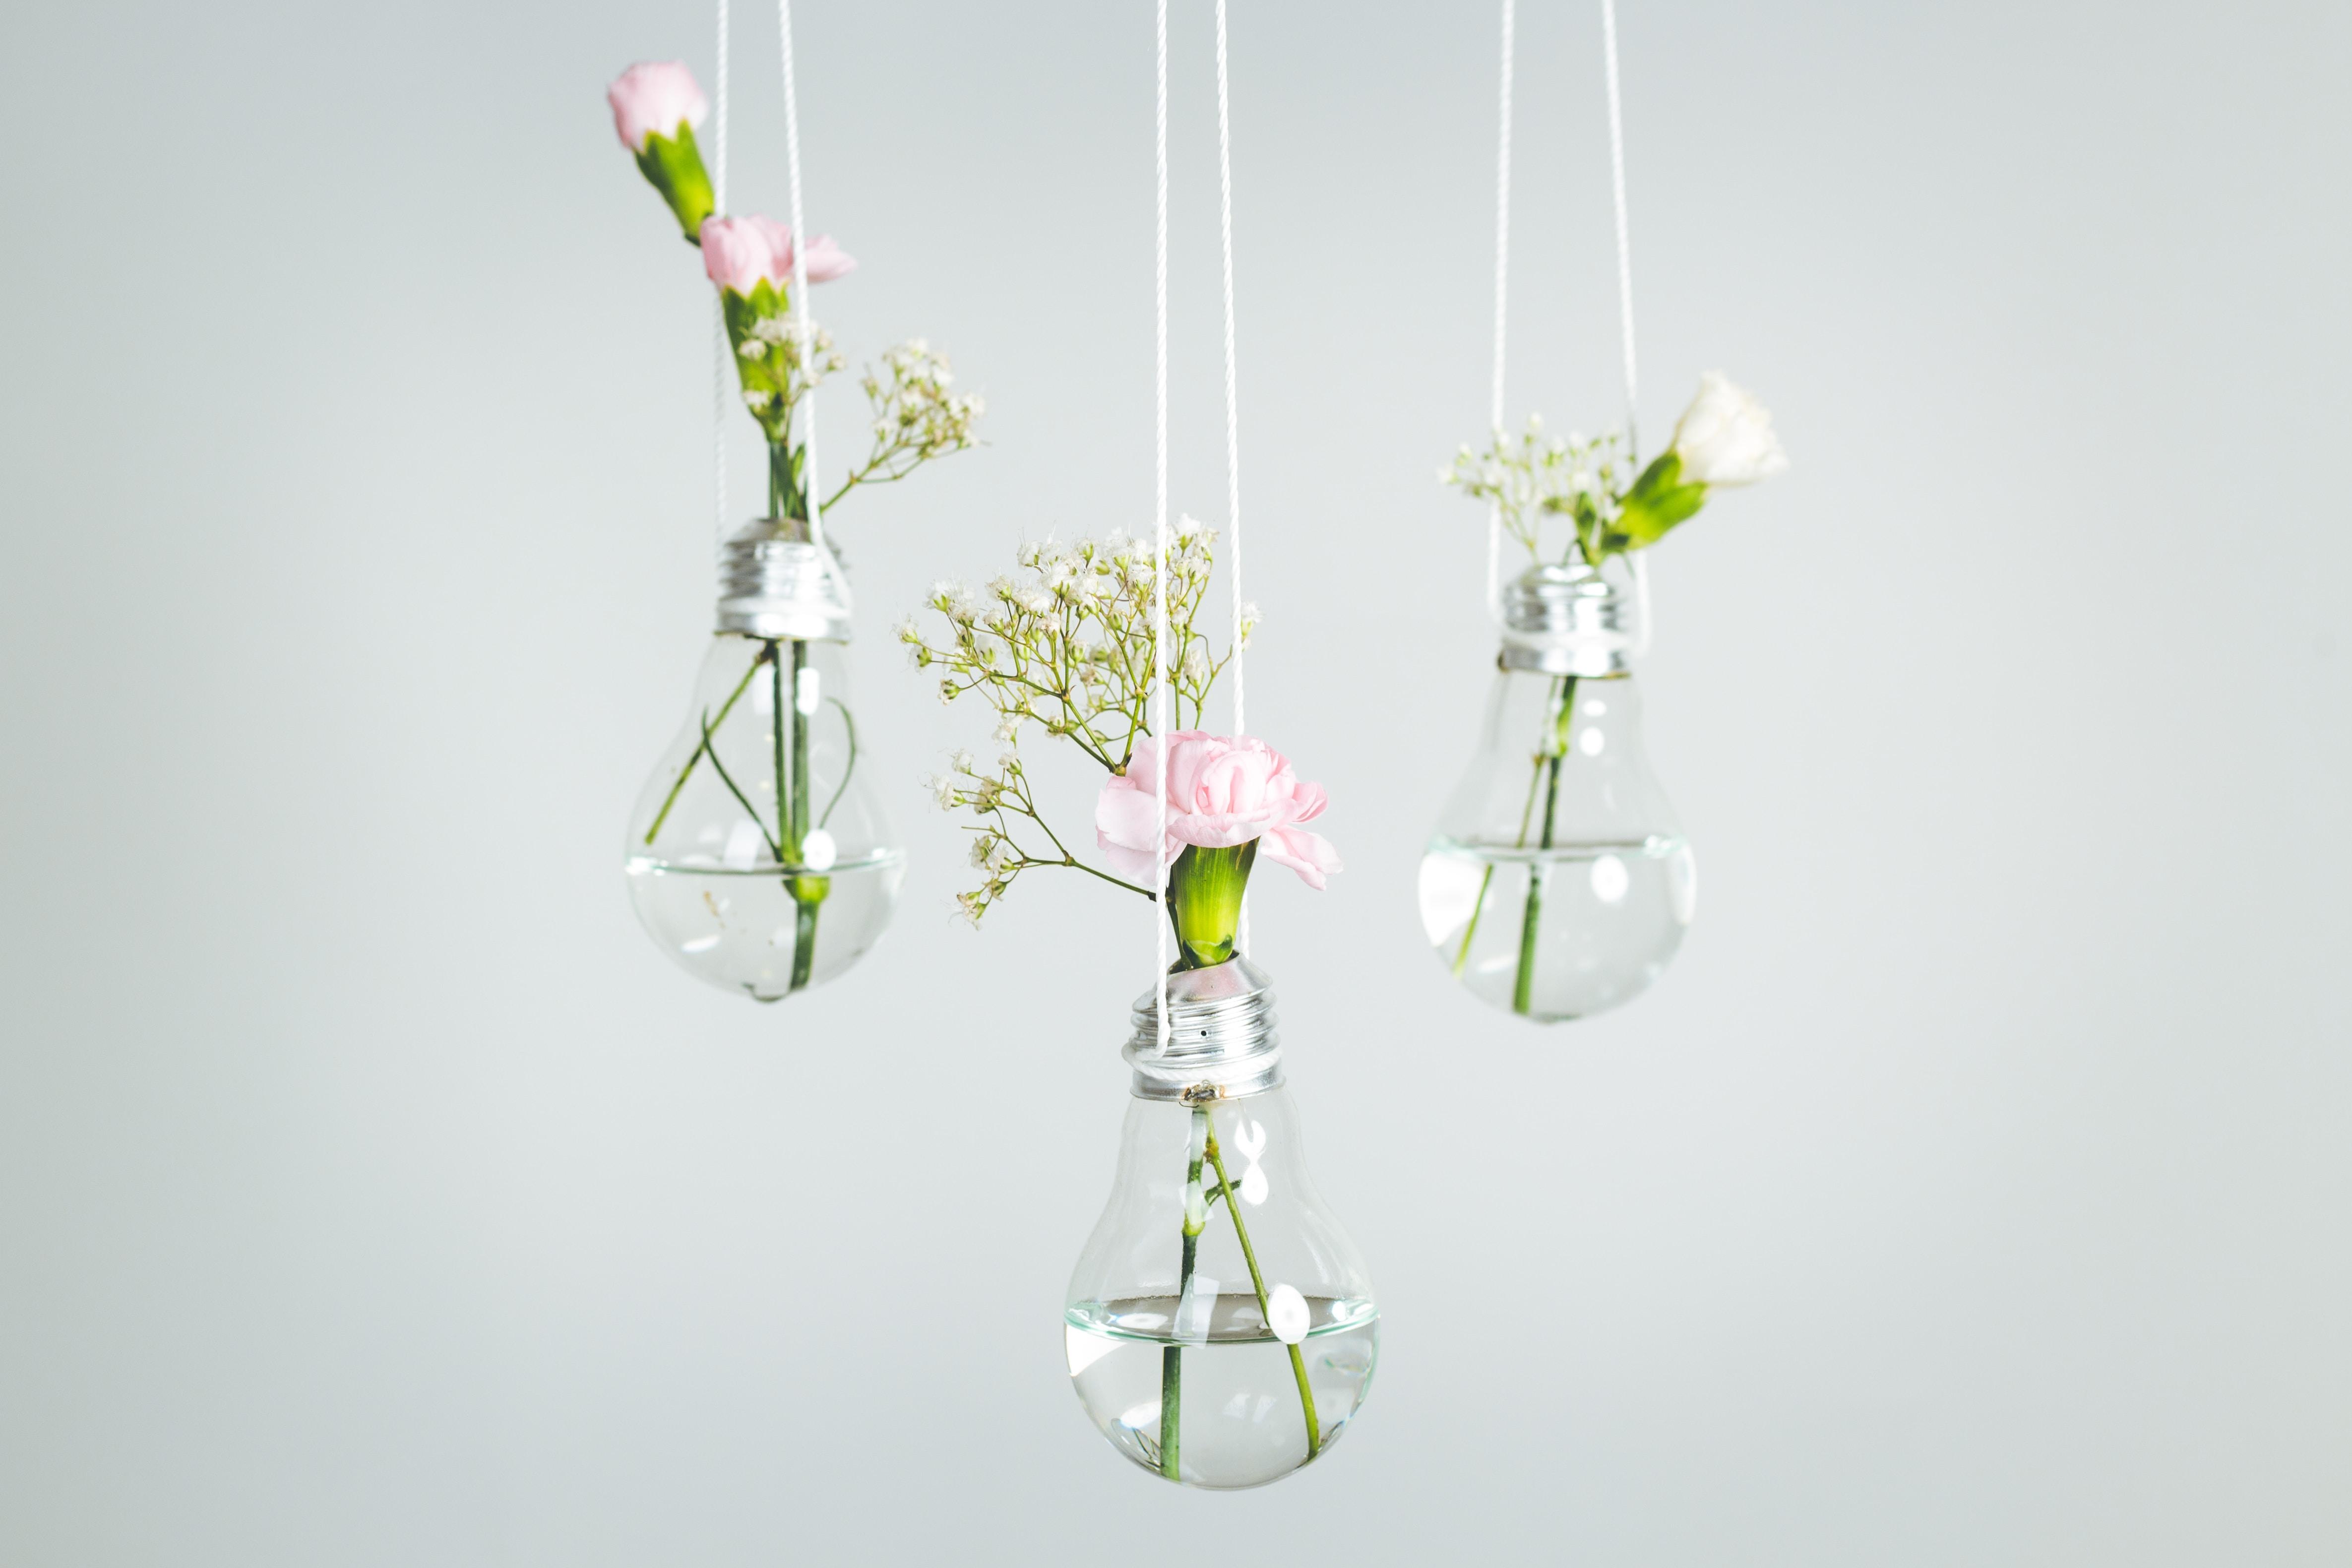 Kreative Vase zum Selbermachen